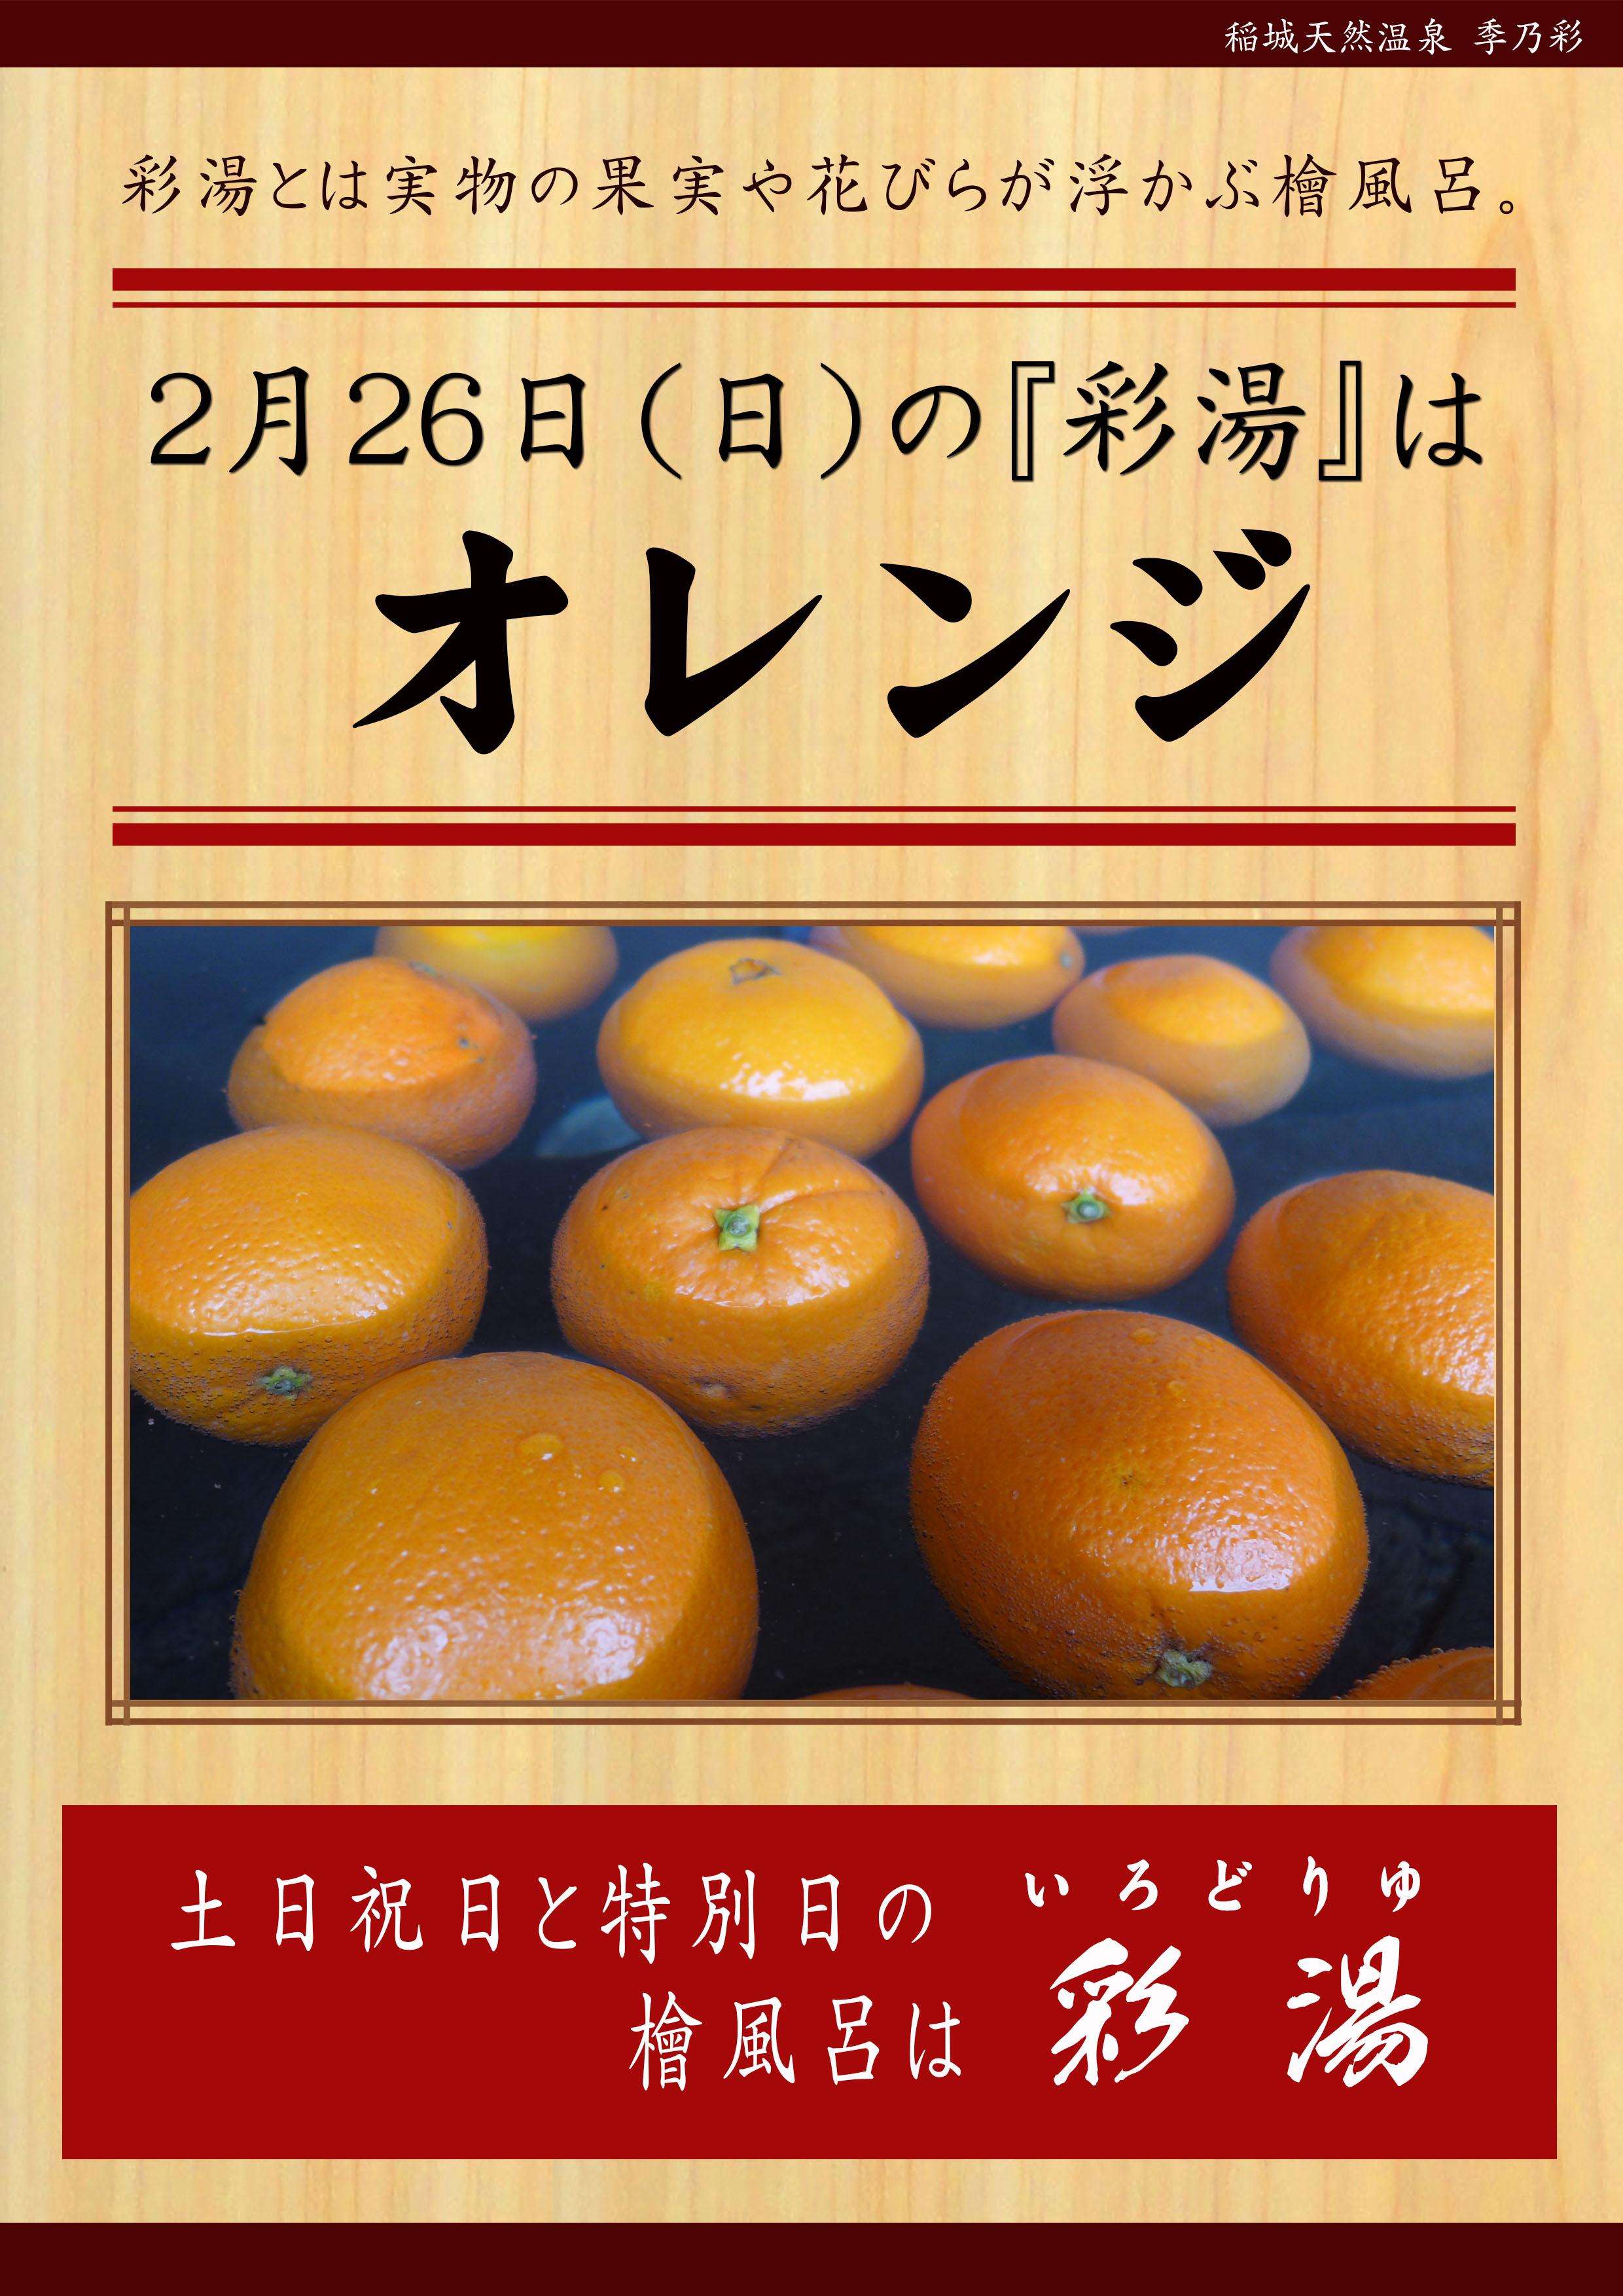 20170226POP イベント 彩湯 オレンジ